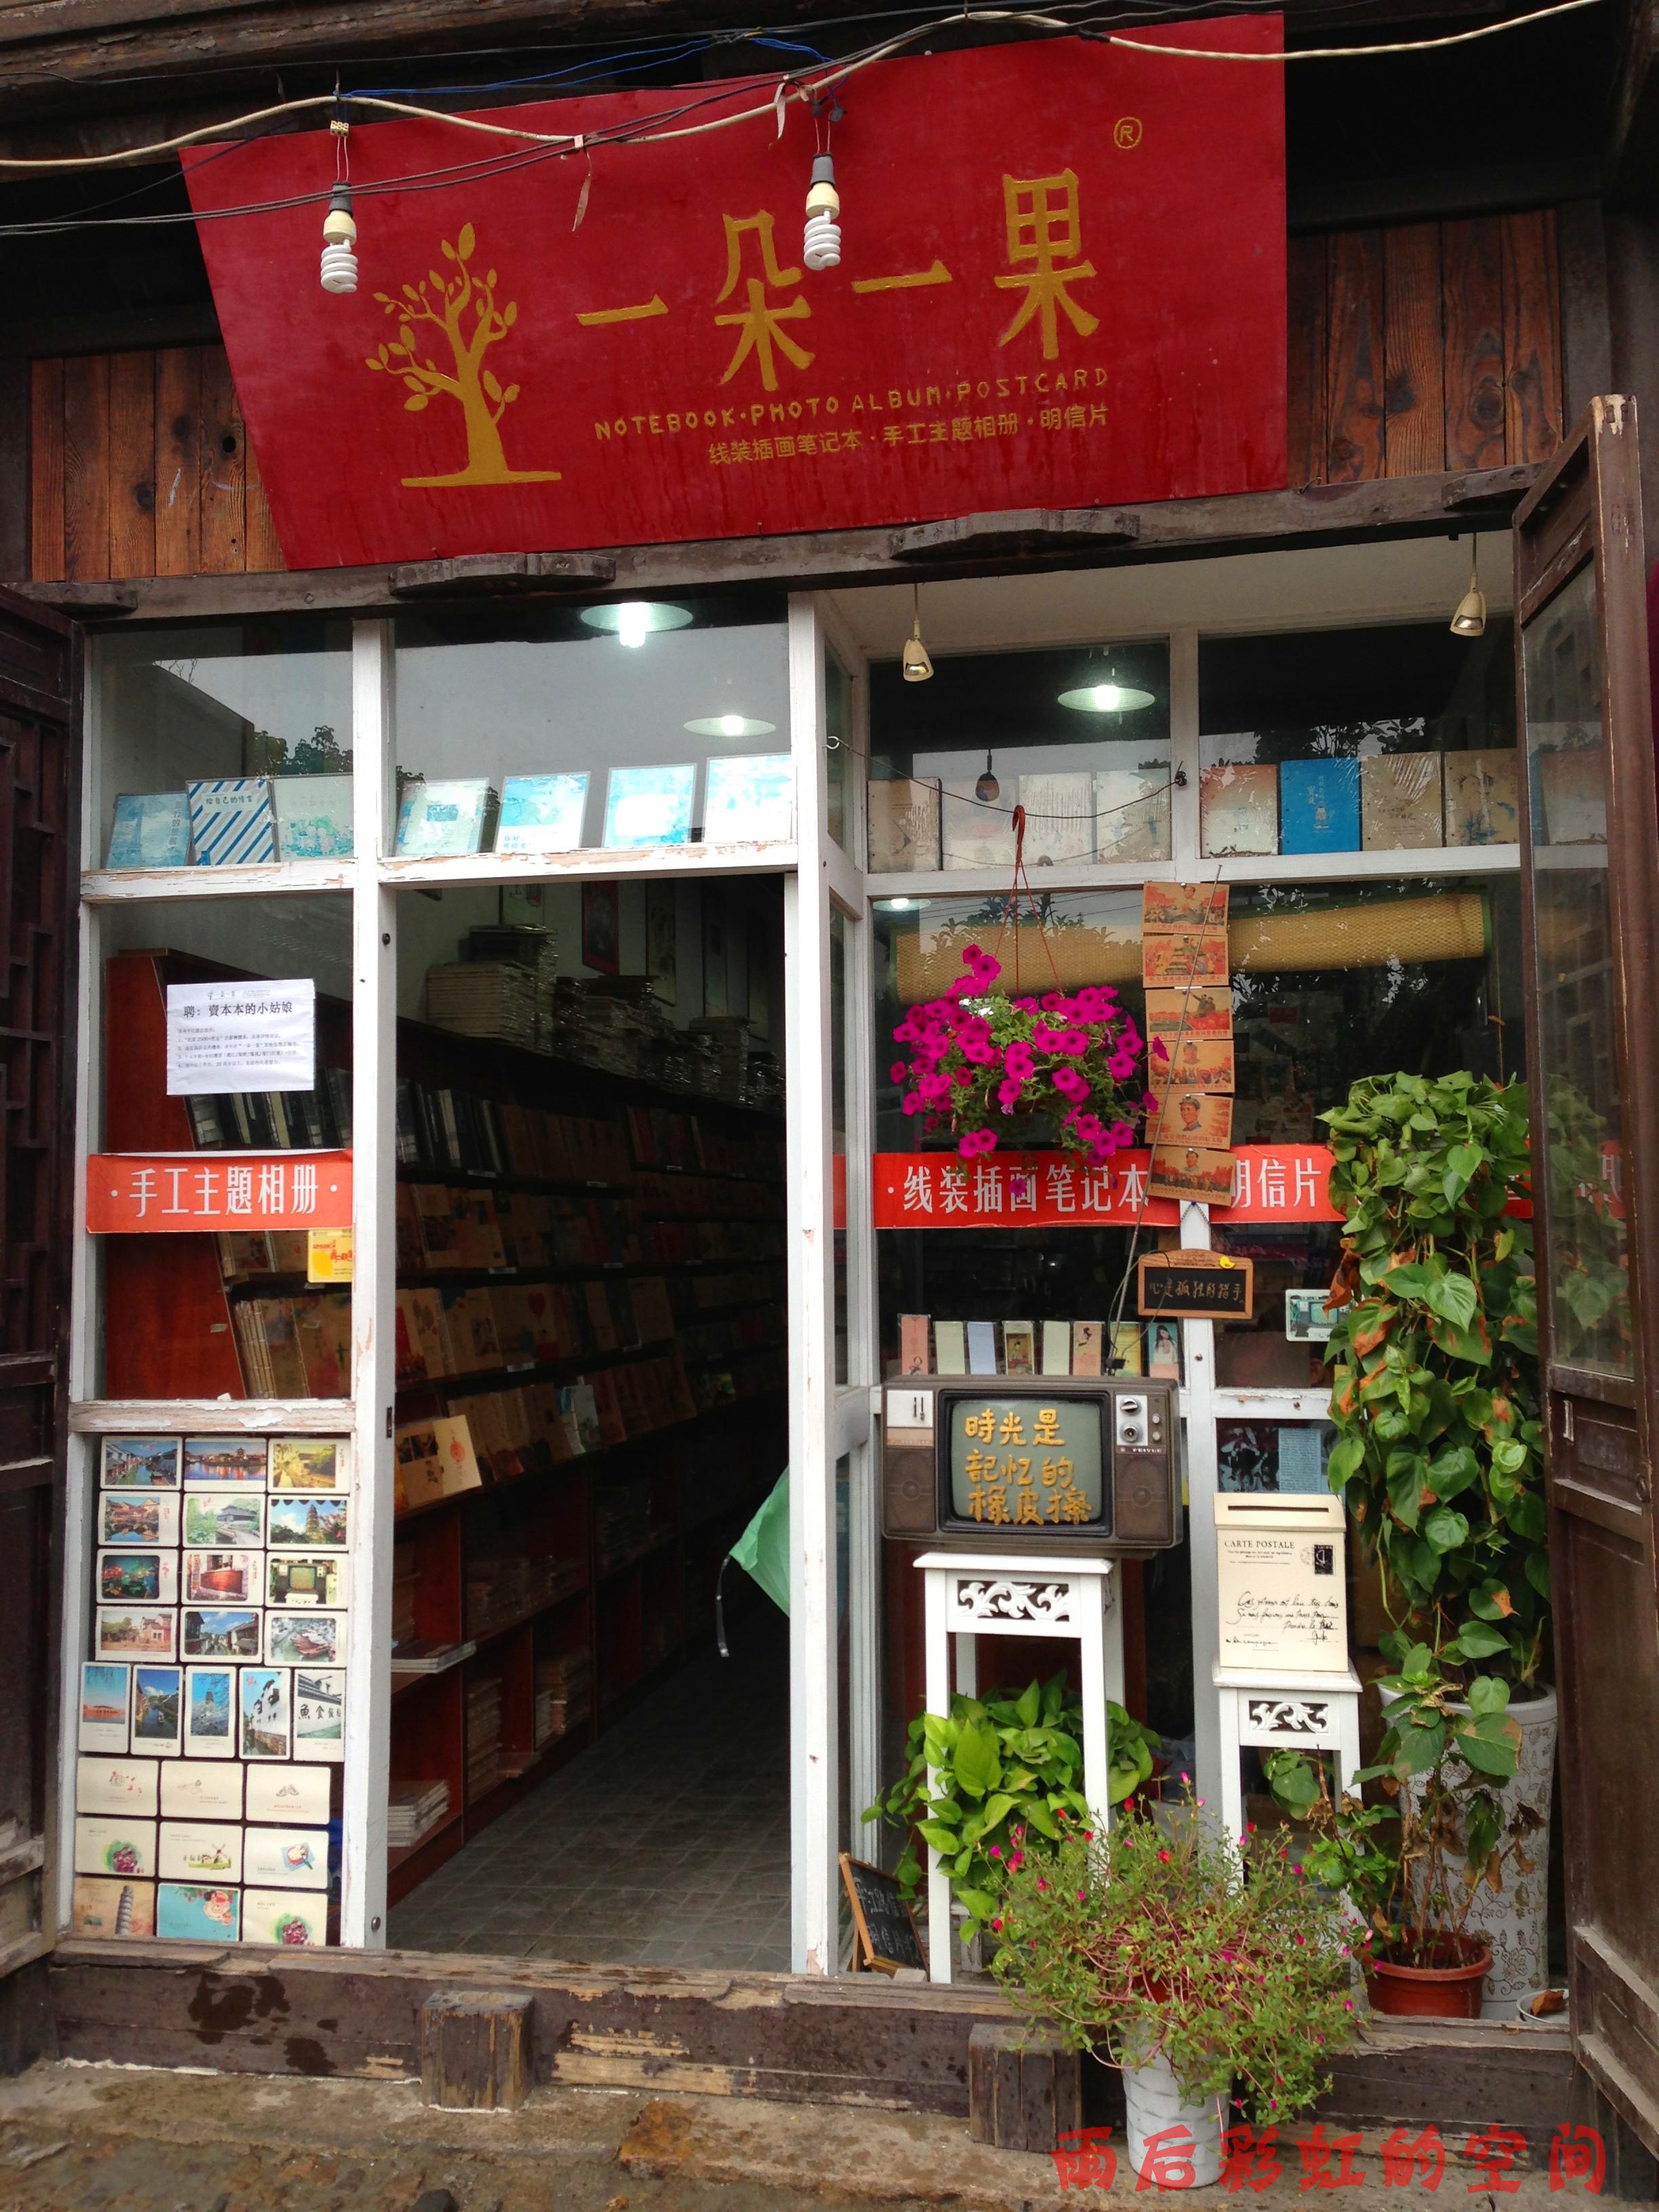 2013年9月份,我们两疯女从天津出发,开始了杭州绍兴苏州5天自由行之旅。我的那位旅伴太强了,我只需告诉她我想去哪,结果仅用1天功夫就做好了出行计划书,包括三个城市的行程安排、旅游景点、交通住宿及费用预算等一应俱全;更强的是,出发前将天津至杭州、杭州至绍兴、绍兴至苏州、苏州至天津的火车票及在苏杭下榻的旅店,全都在网上预订的妥妥的。偶的神啊,五体投地呀,下定决心,再出行,还找她! 话不多说杭州、绍兴。单说到了苏州,在江南绵绵细雨中,游了著名的同里、狮子林、拙政园、苏州博物馆,留出1个半小时本来想去观前